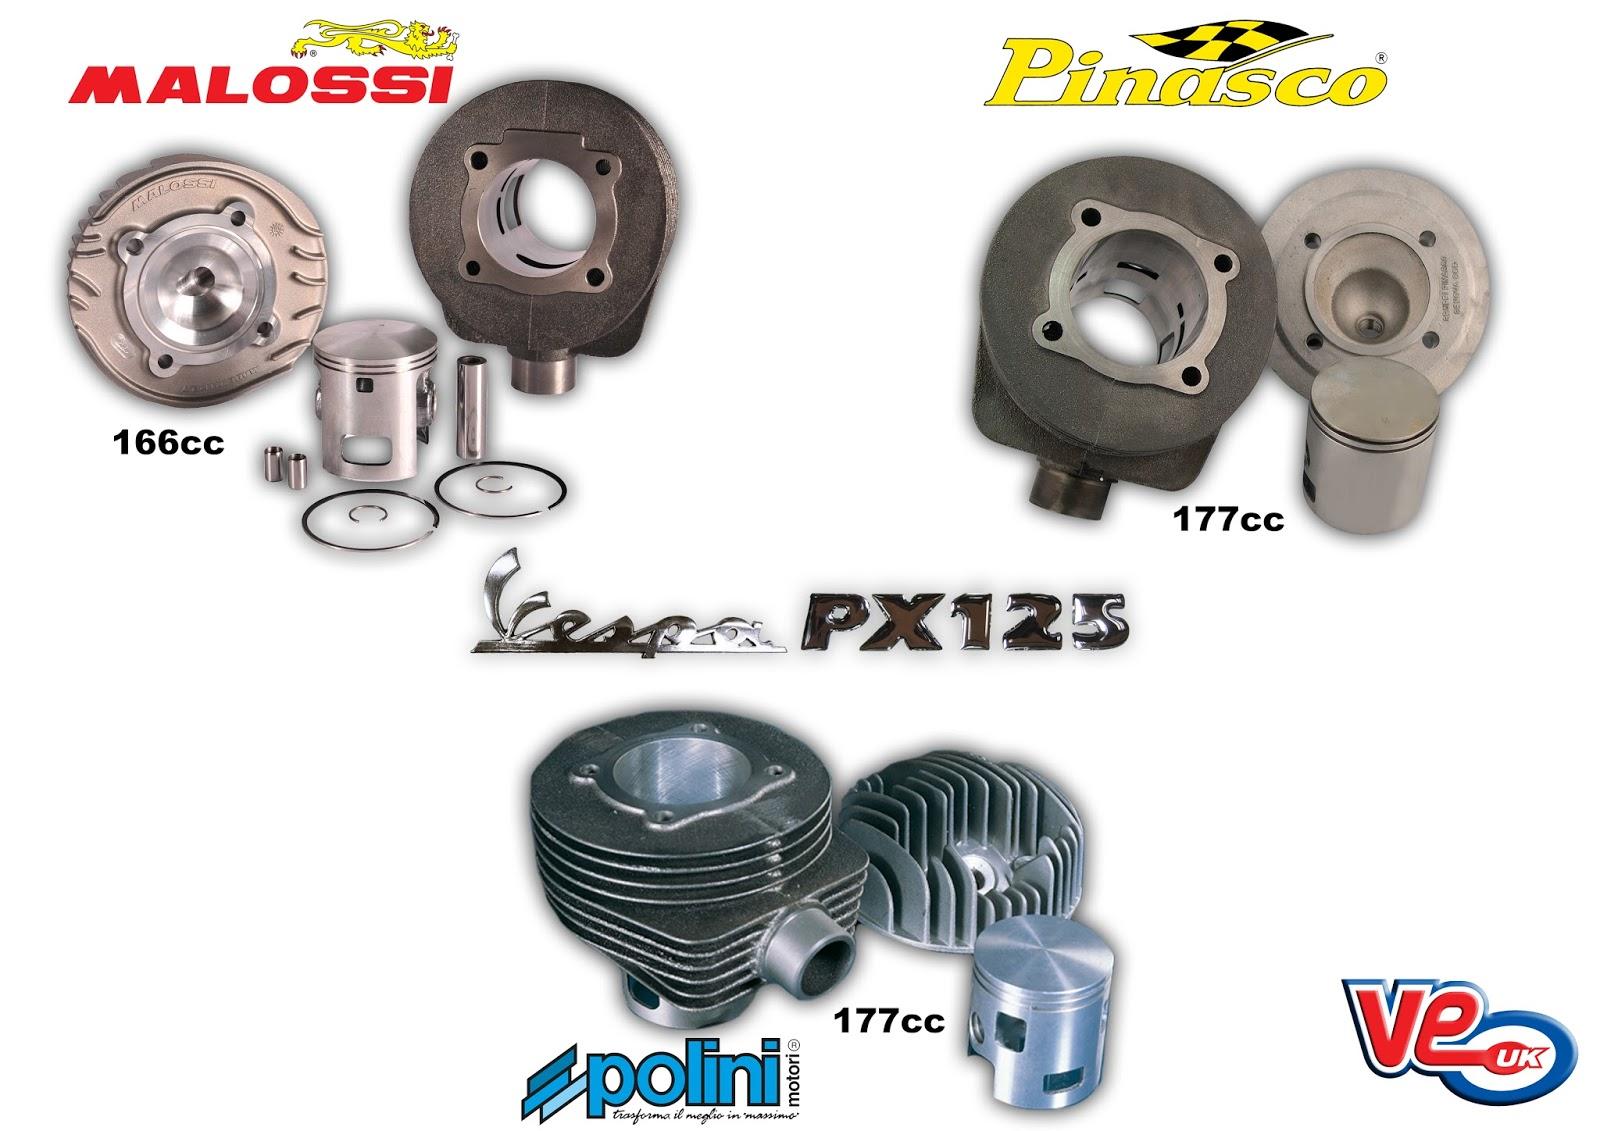 Vespa PX125 Performance Cylinder Kits